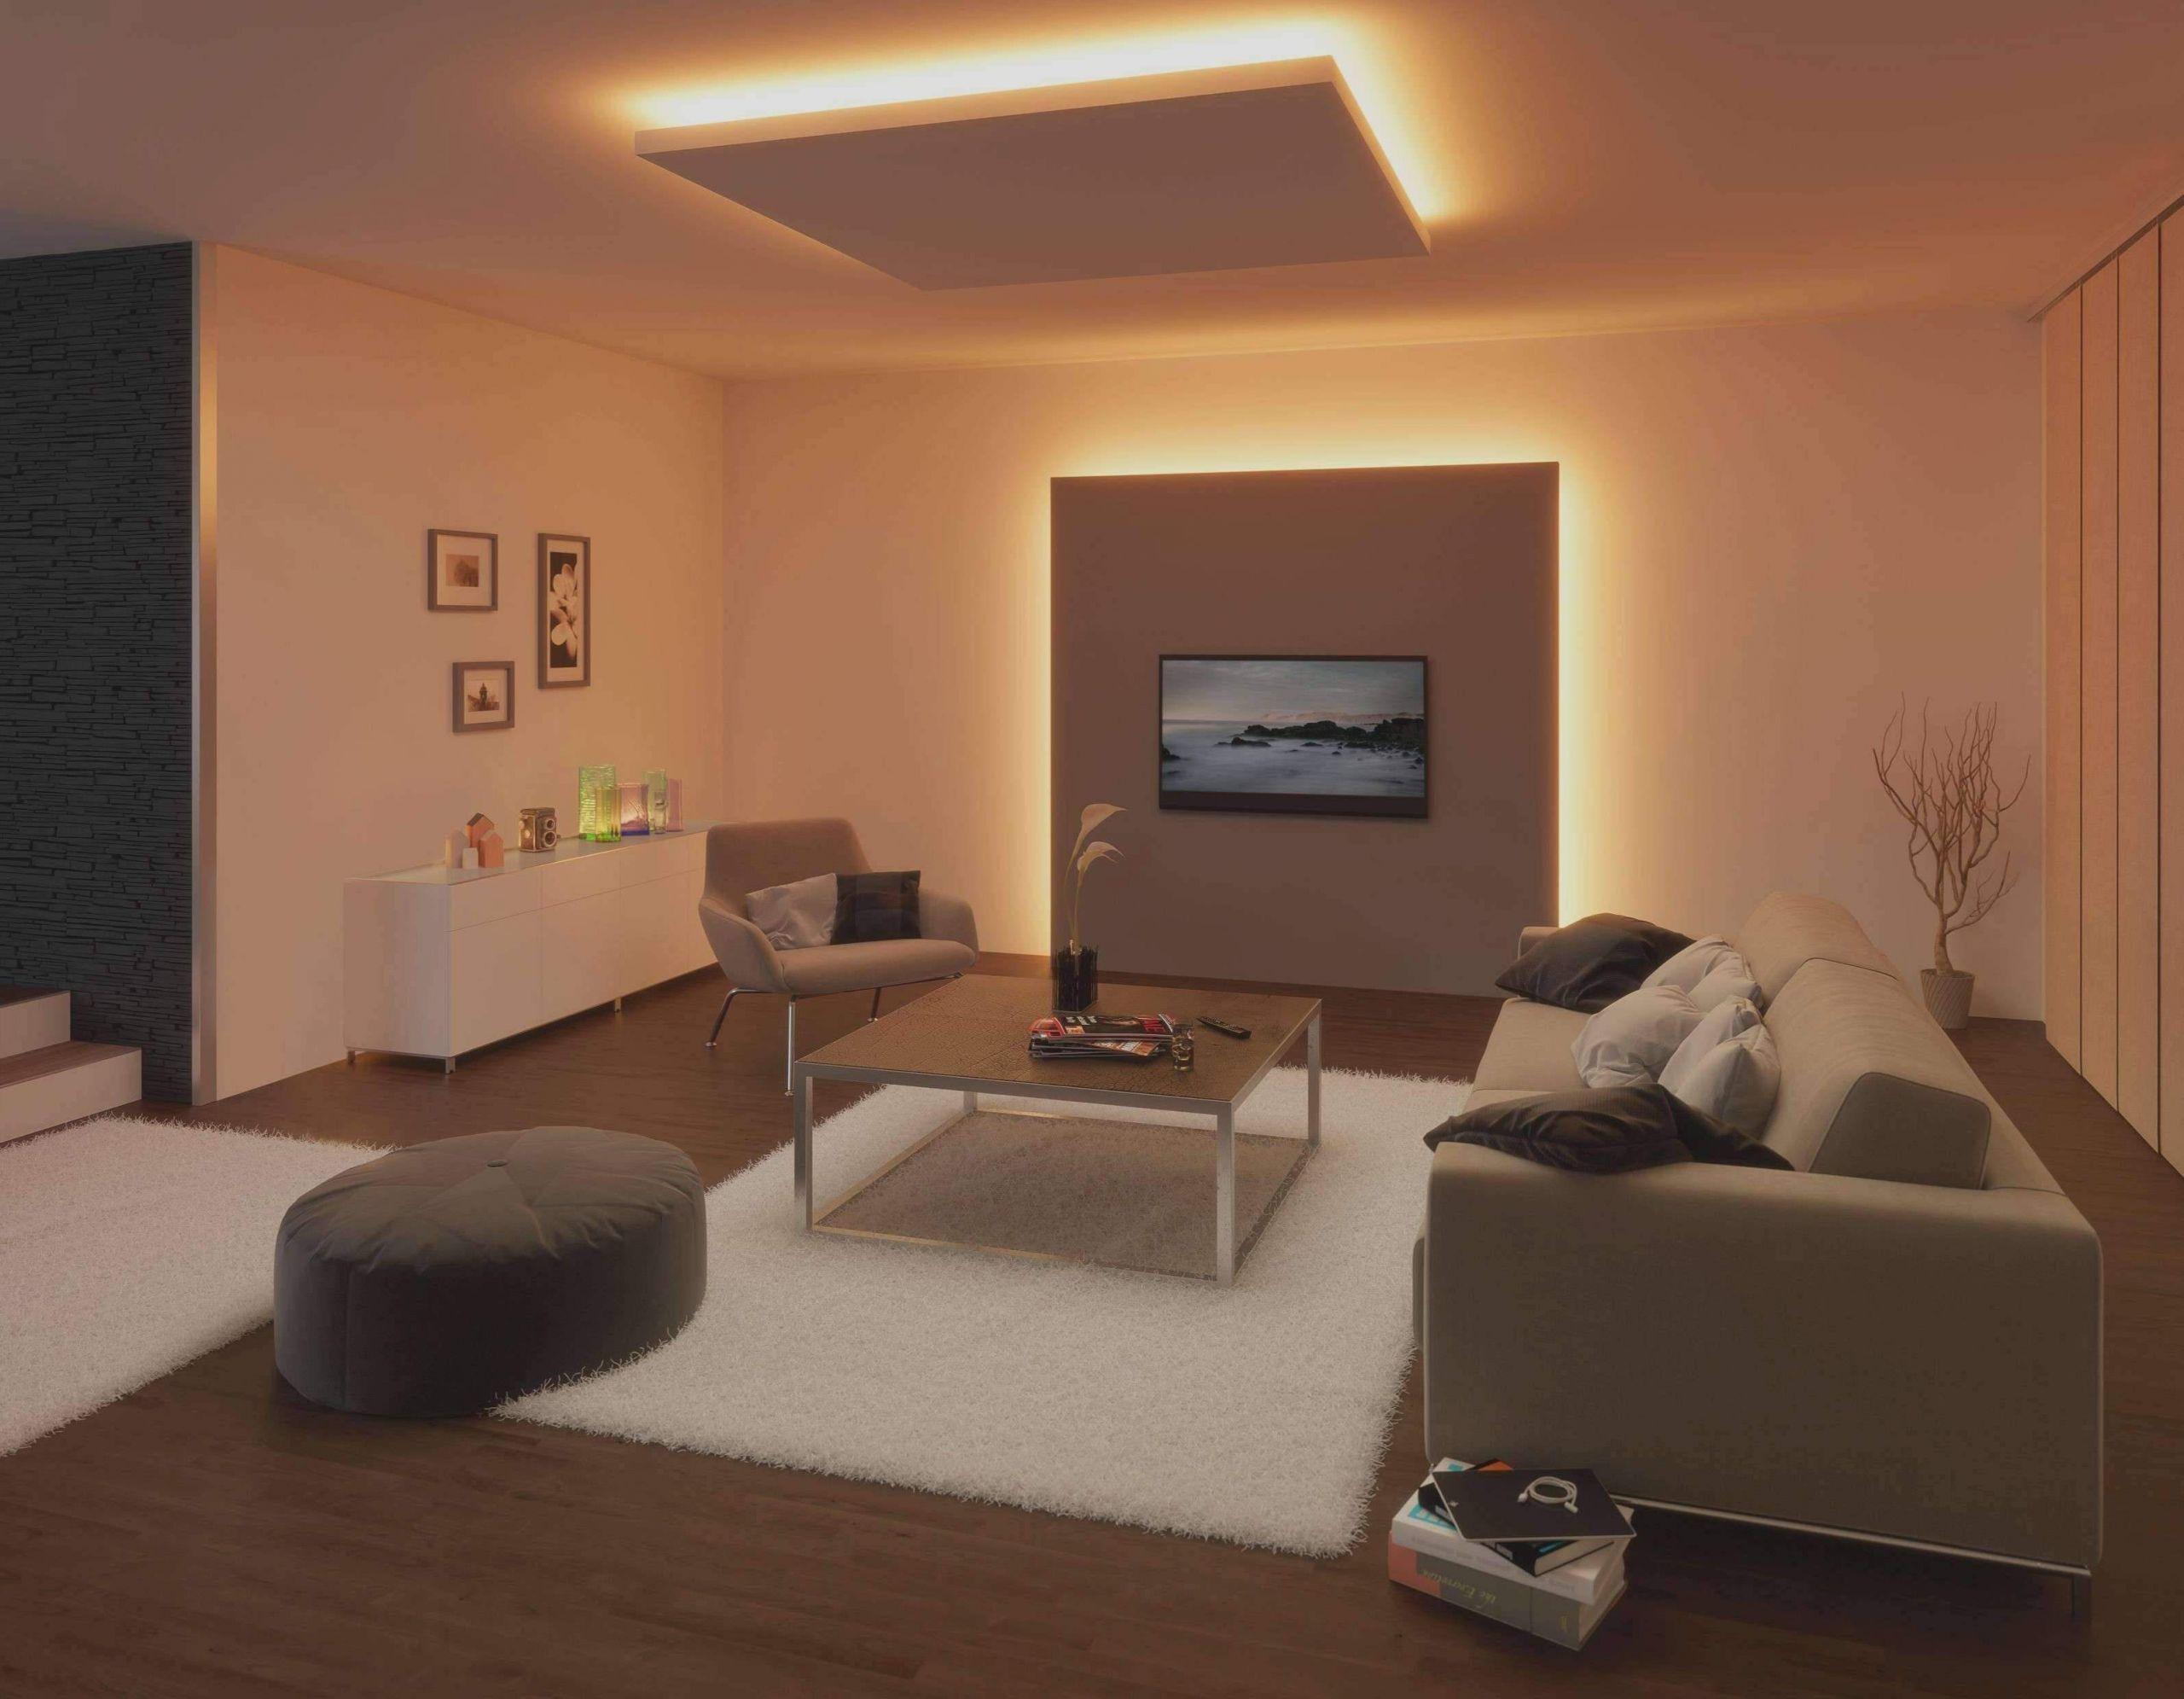 wanddeko wohnzimmer holz frisch 34 luxus wohnzimmer holz of wanddeko wohnzimmer holz scaled